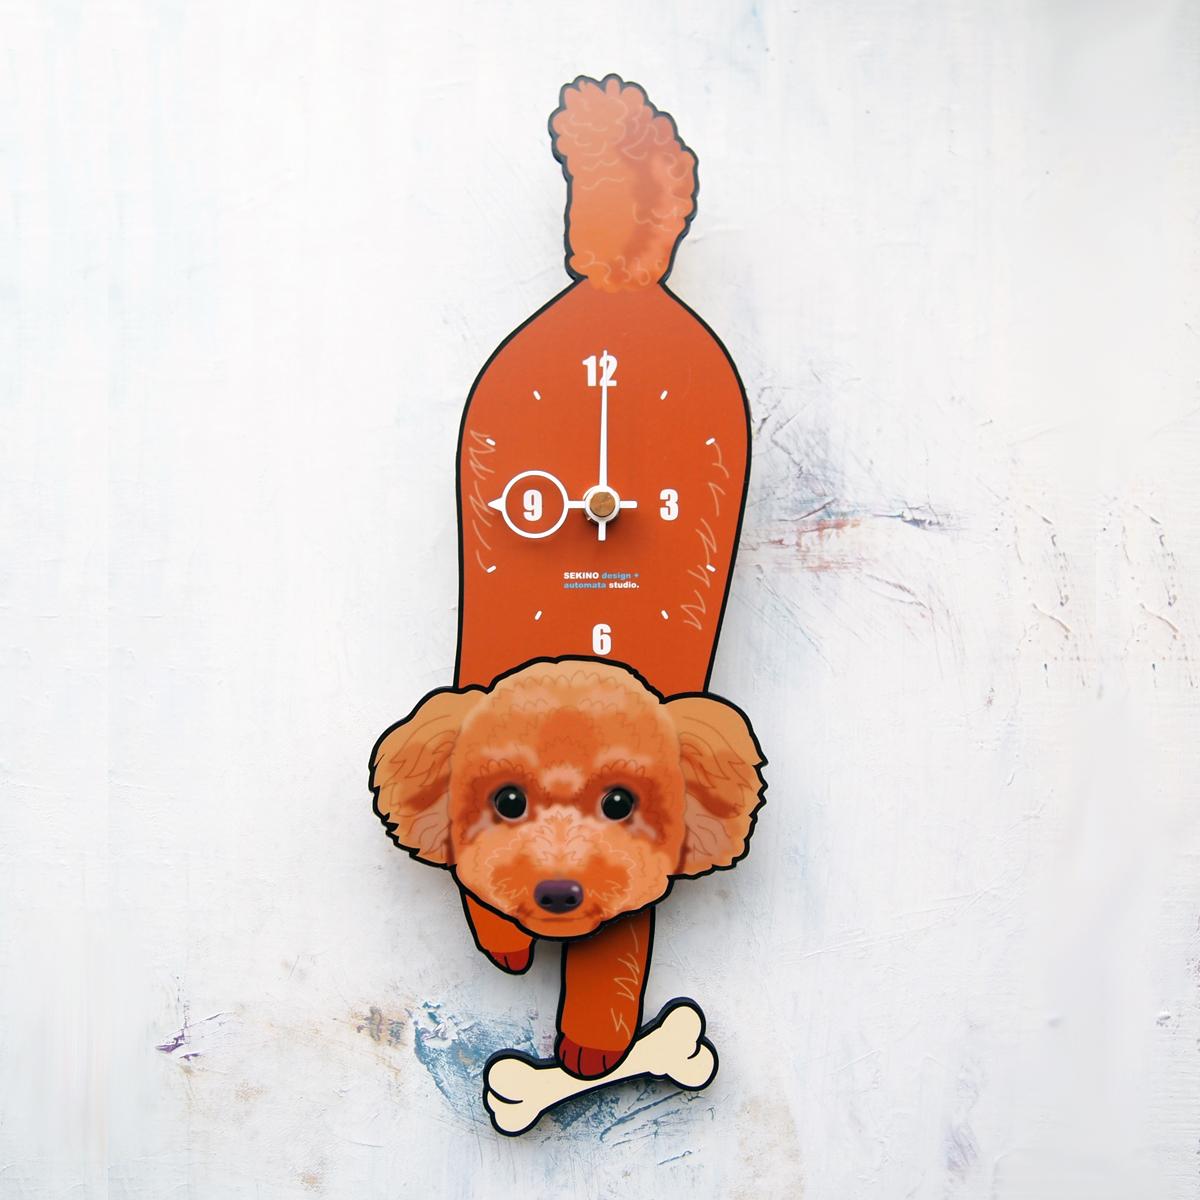 手の部分が振り子になった壁掛け用時計 ふるさと納税 お金を節約 D-139 プードル -犬の振り子時計 送料無料でお届けします レッド